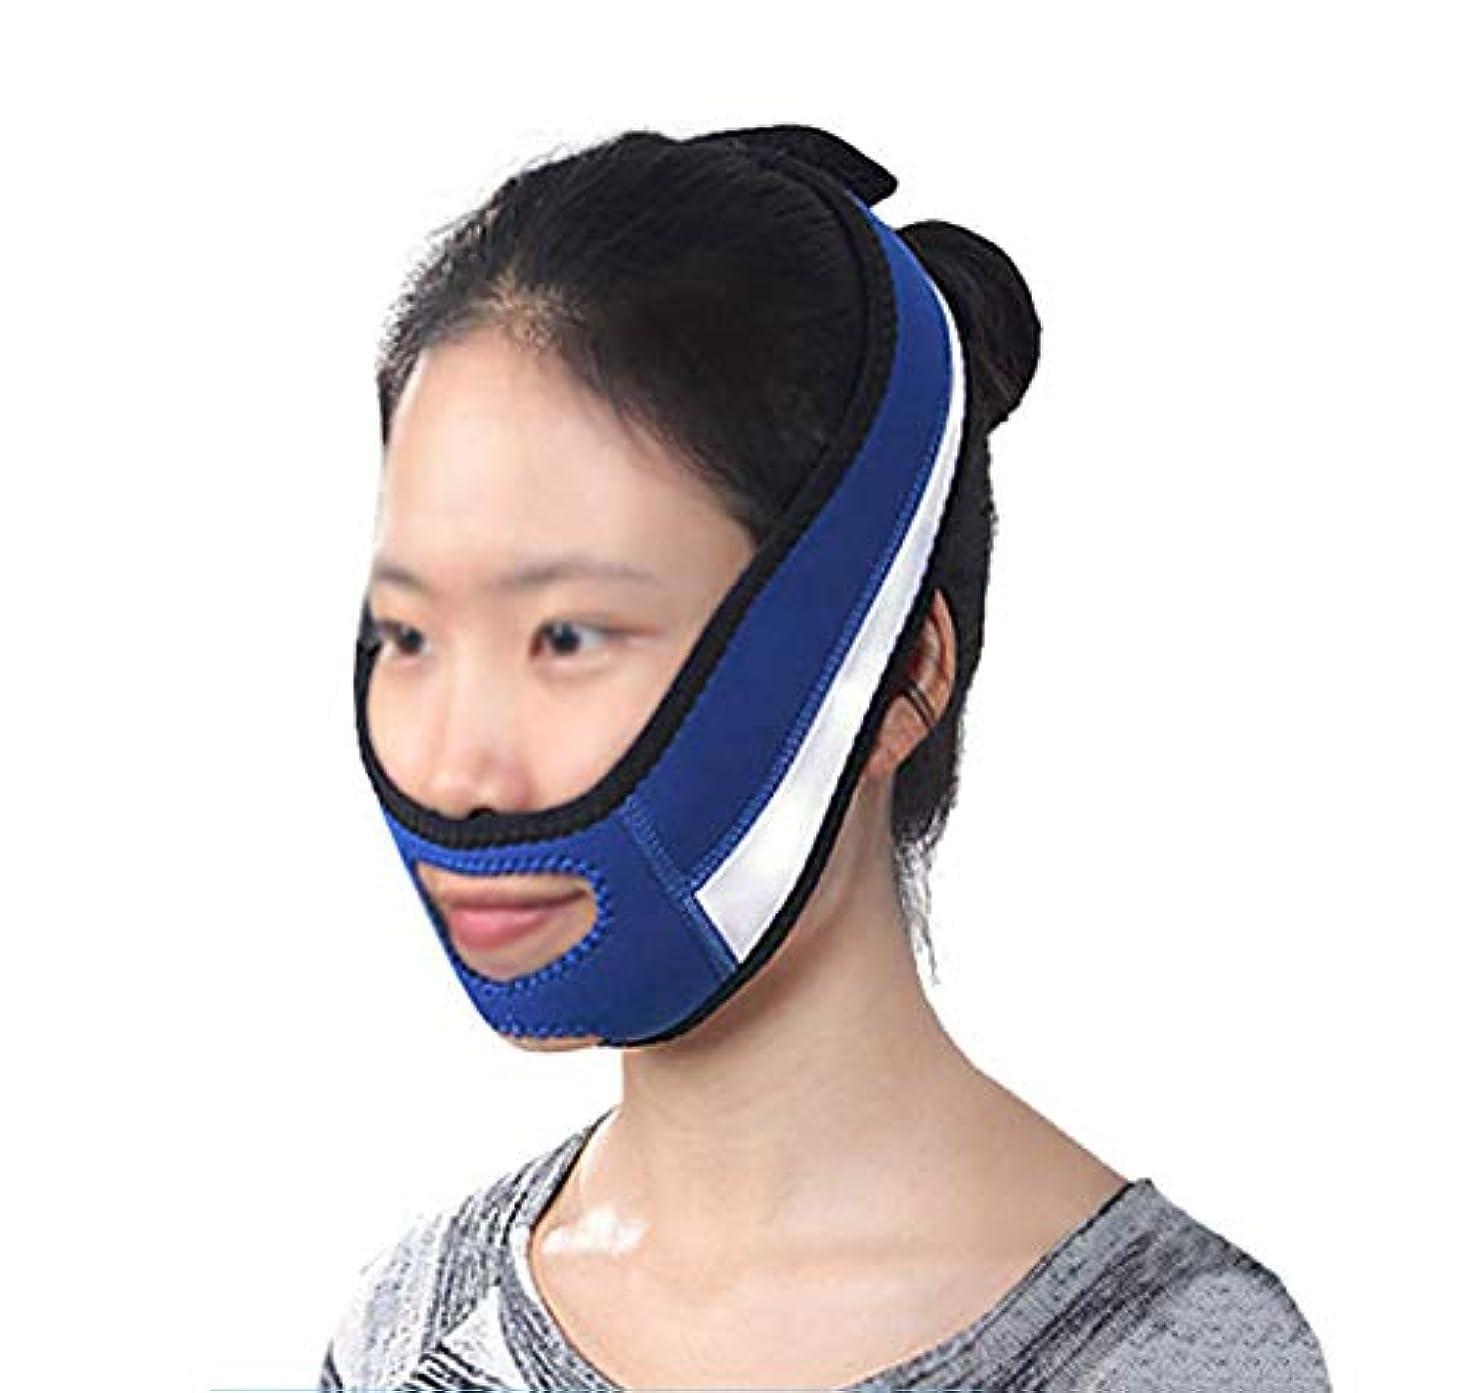 出身地アサー処方薄い顔包帯フェイススリム二重あごを取り除きますVラインフェイスシェイプを作成チンチークリフトアップアンチリンクルリフティングベルトフェイスマッサージツール女性と女の子